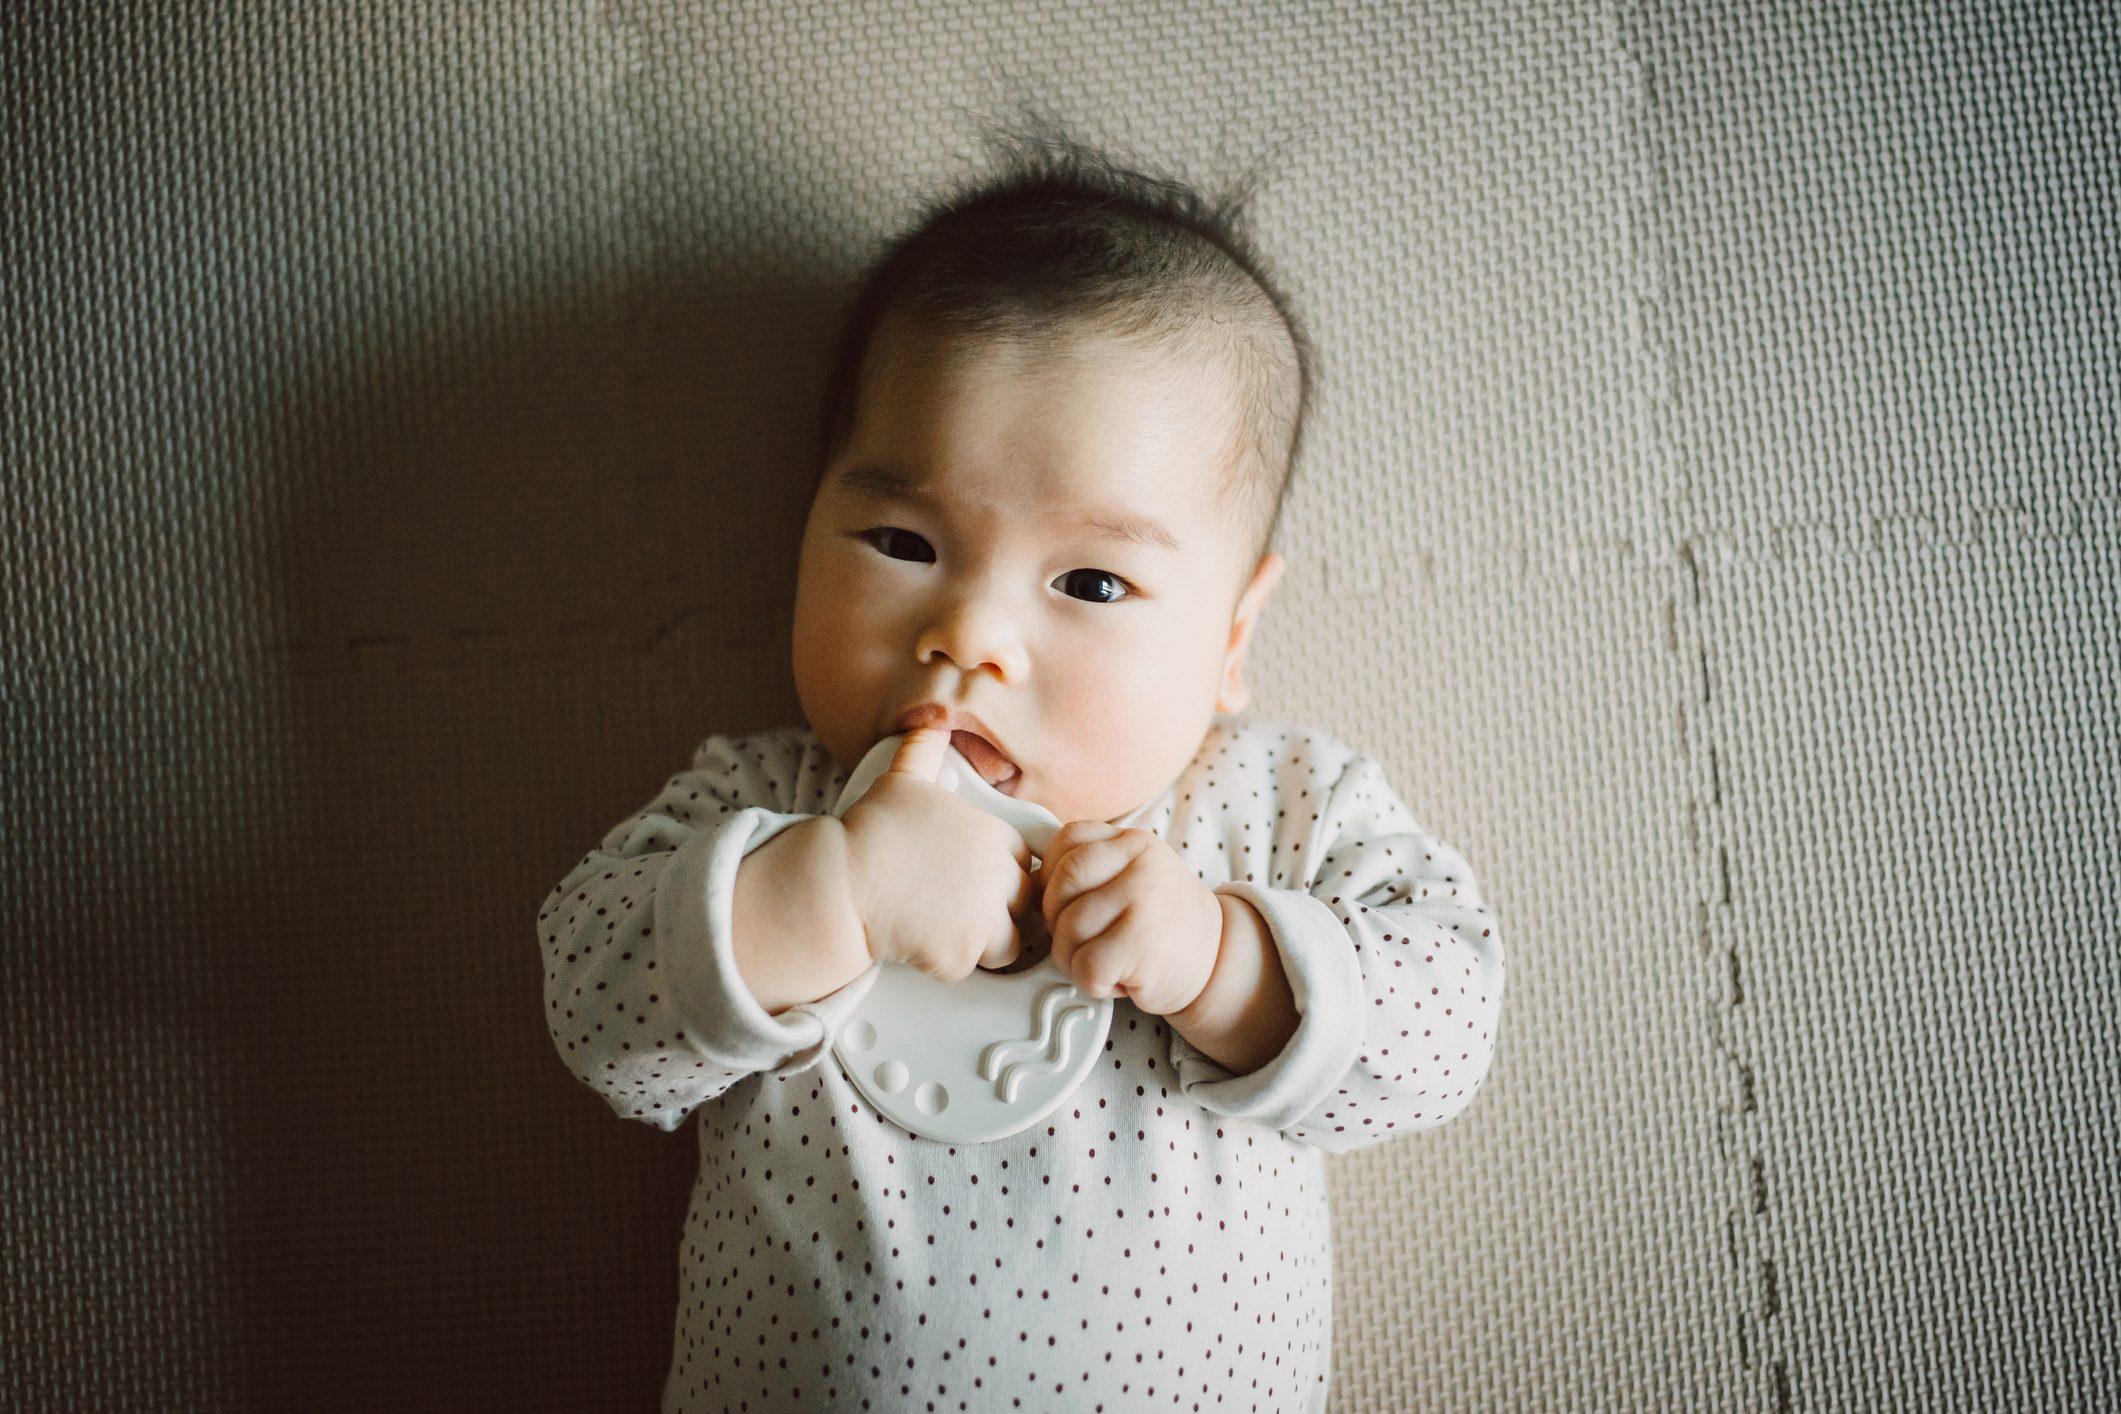 baby girl teething on toy